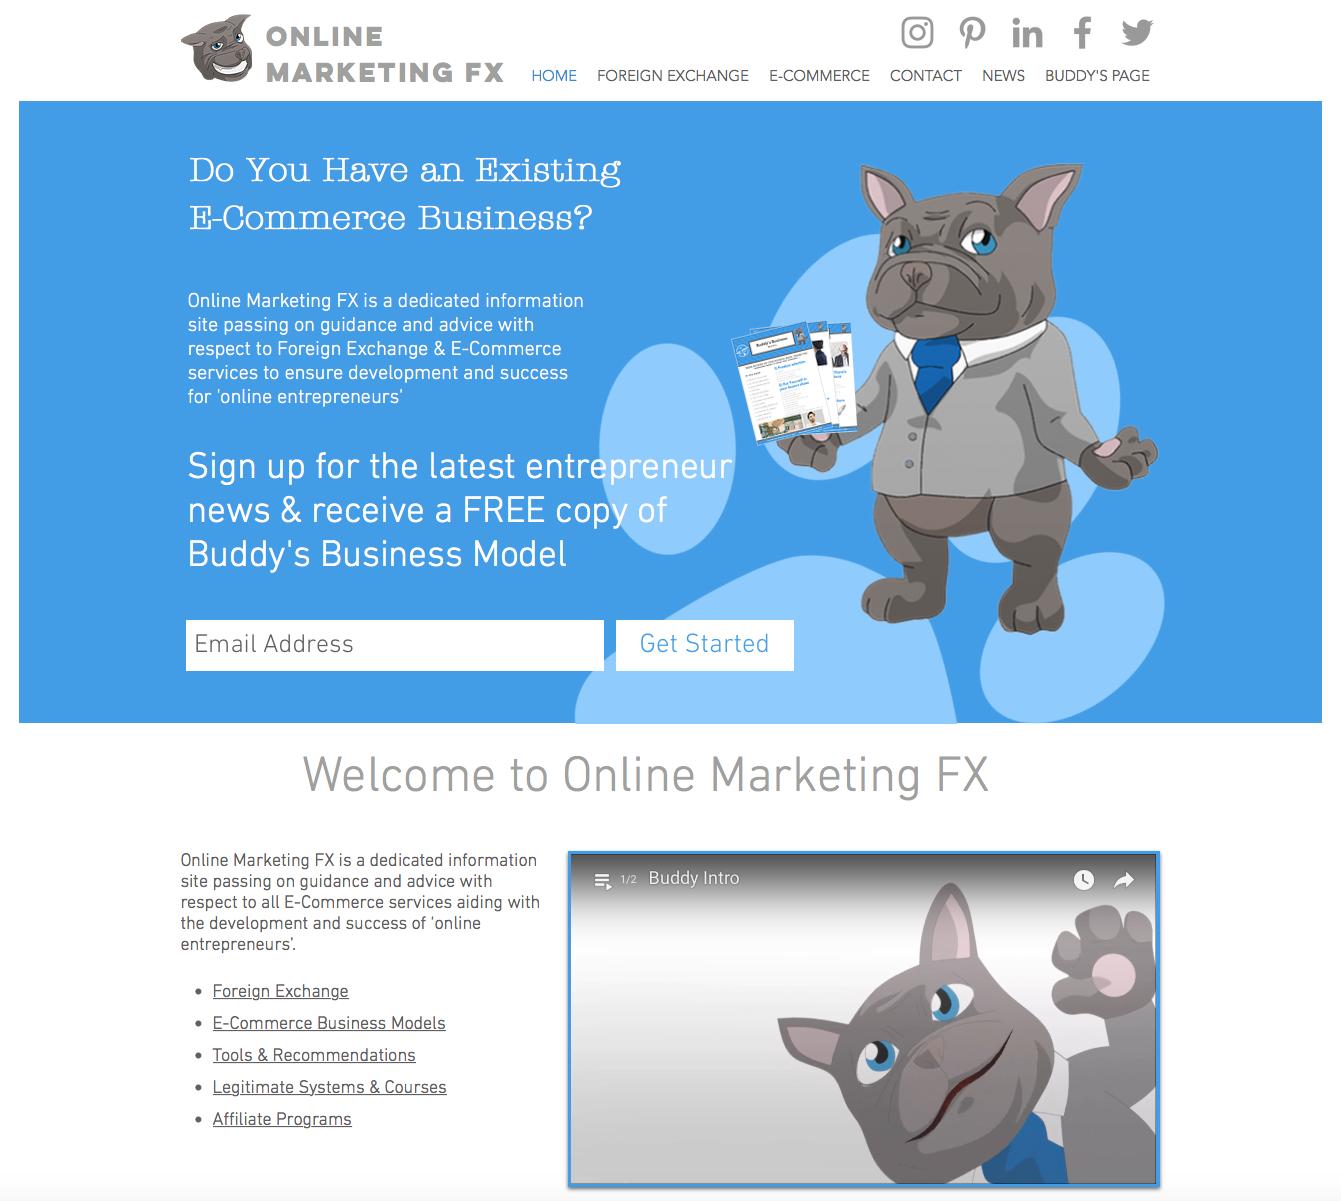 Online Marketing FX Website